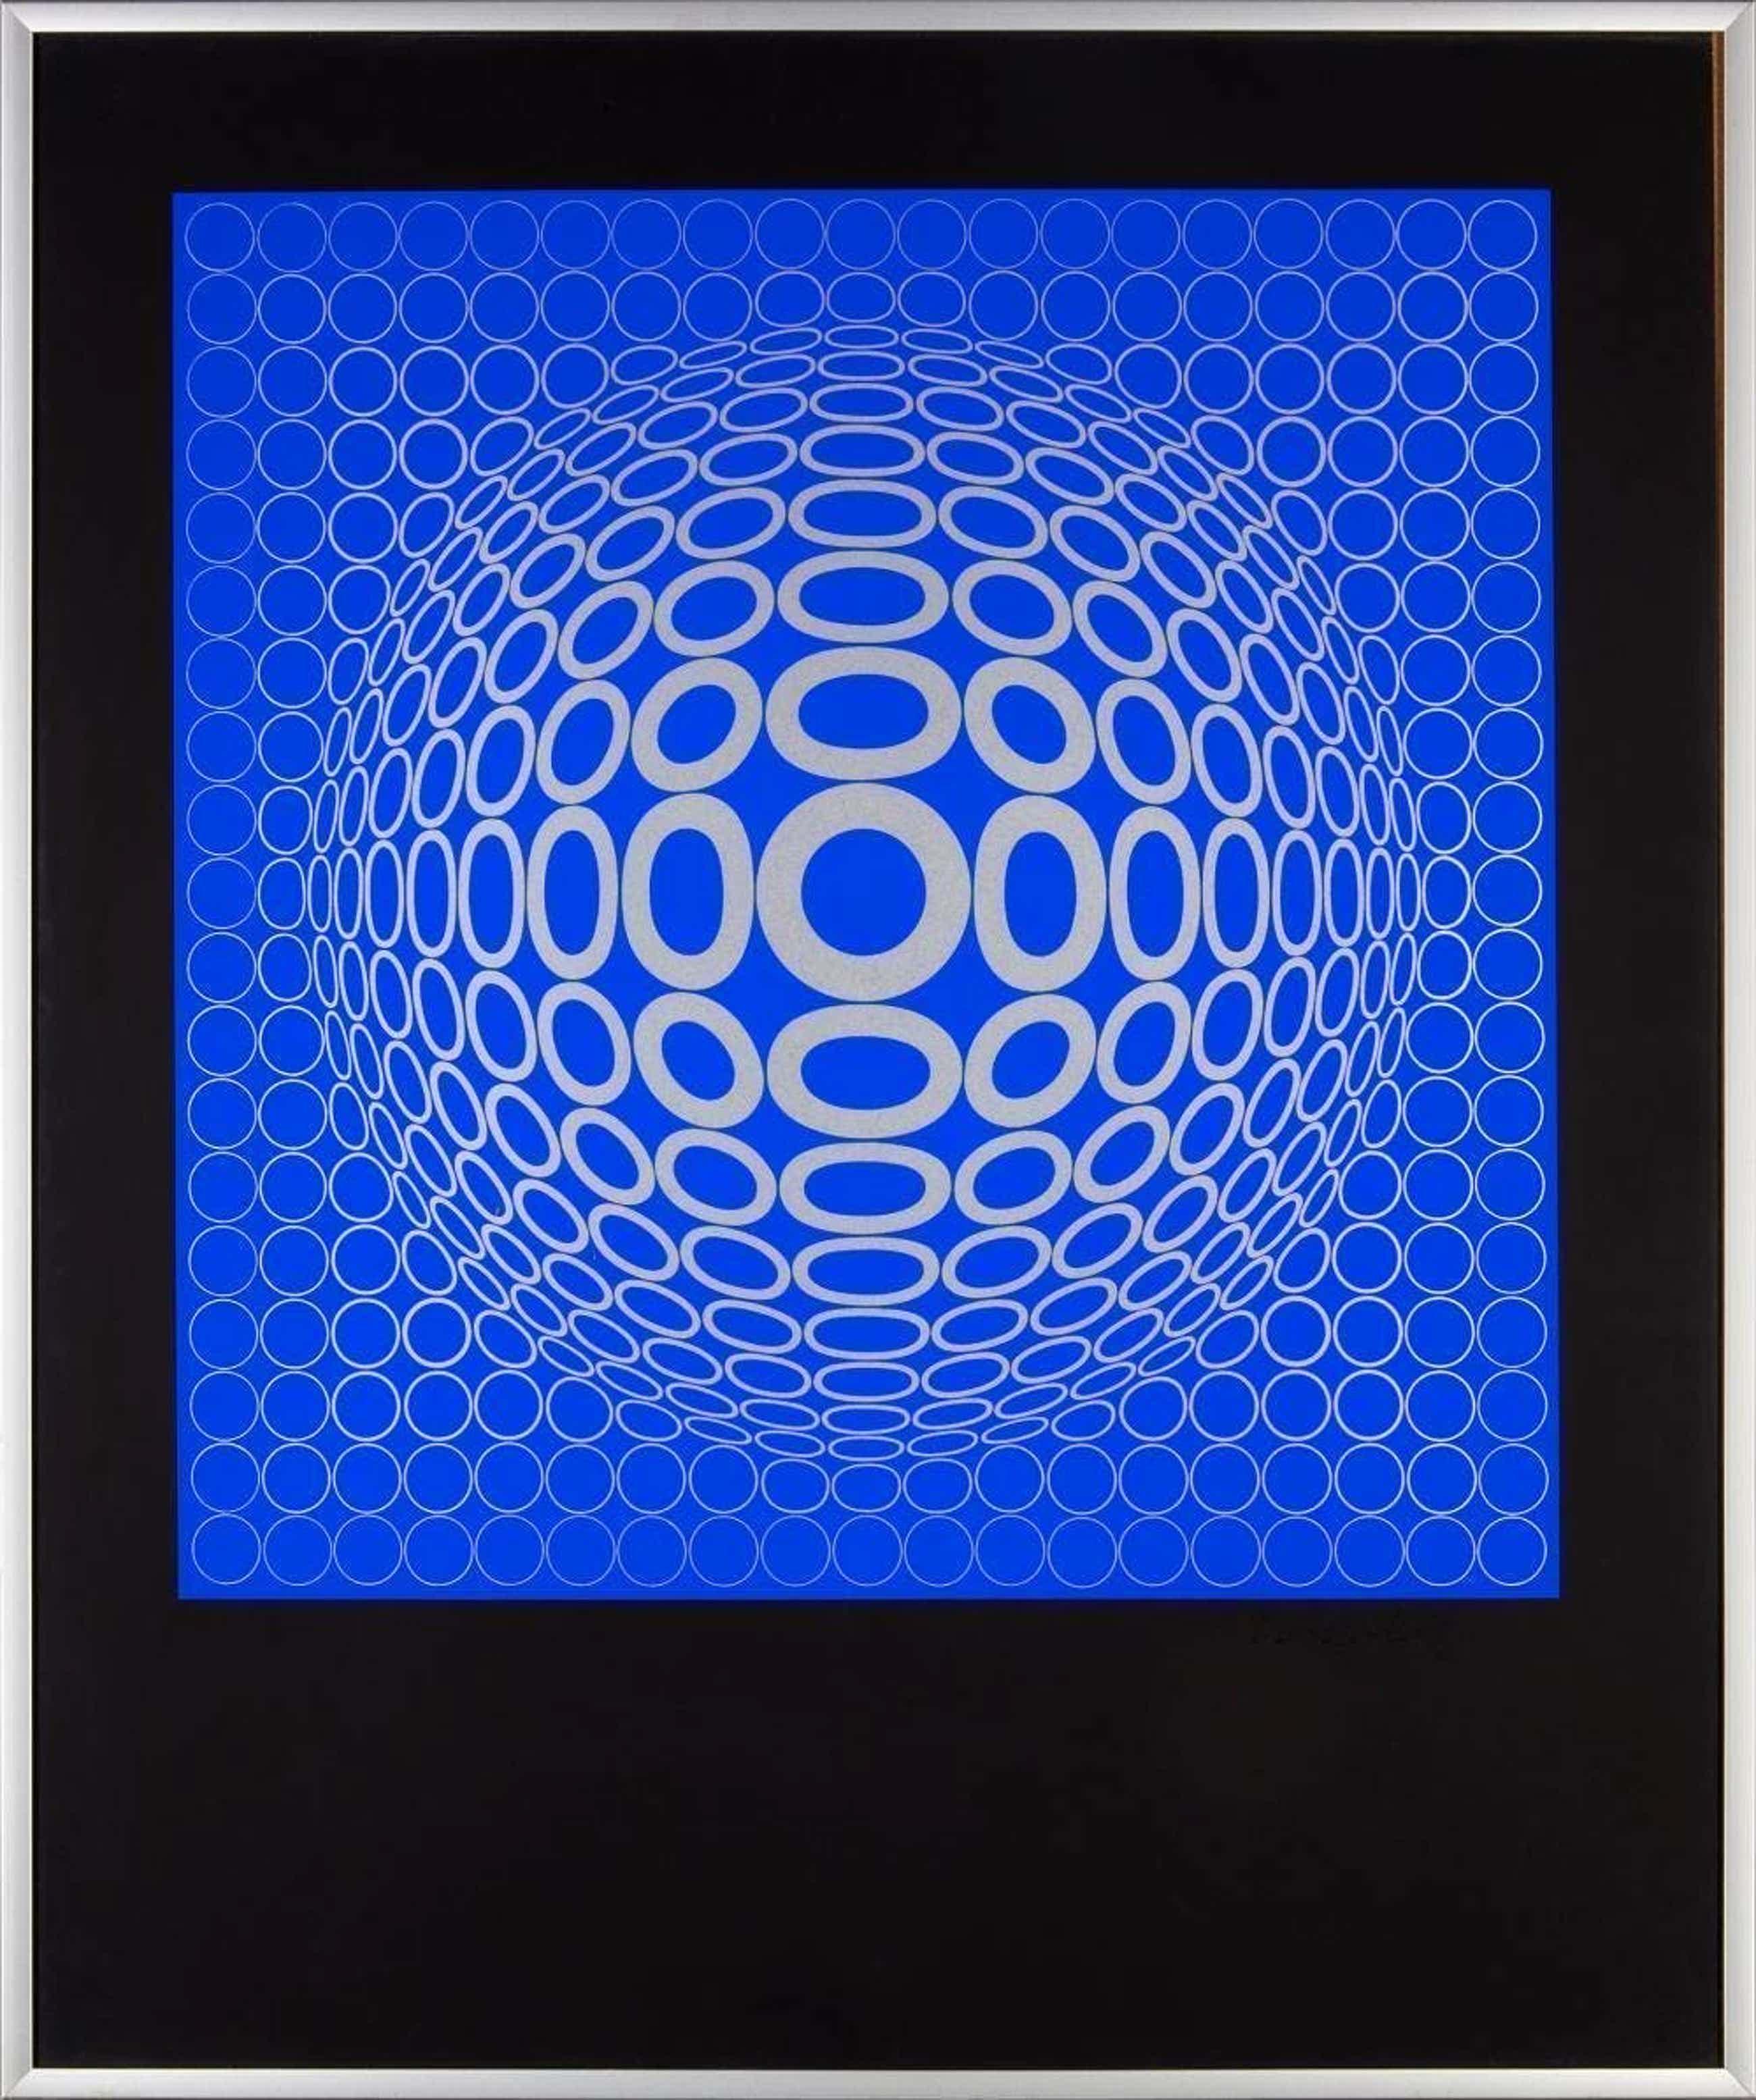 Victor Vasarely - 'Tuz' Composition en bleu kopen? Bied vanaf 675!